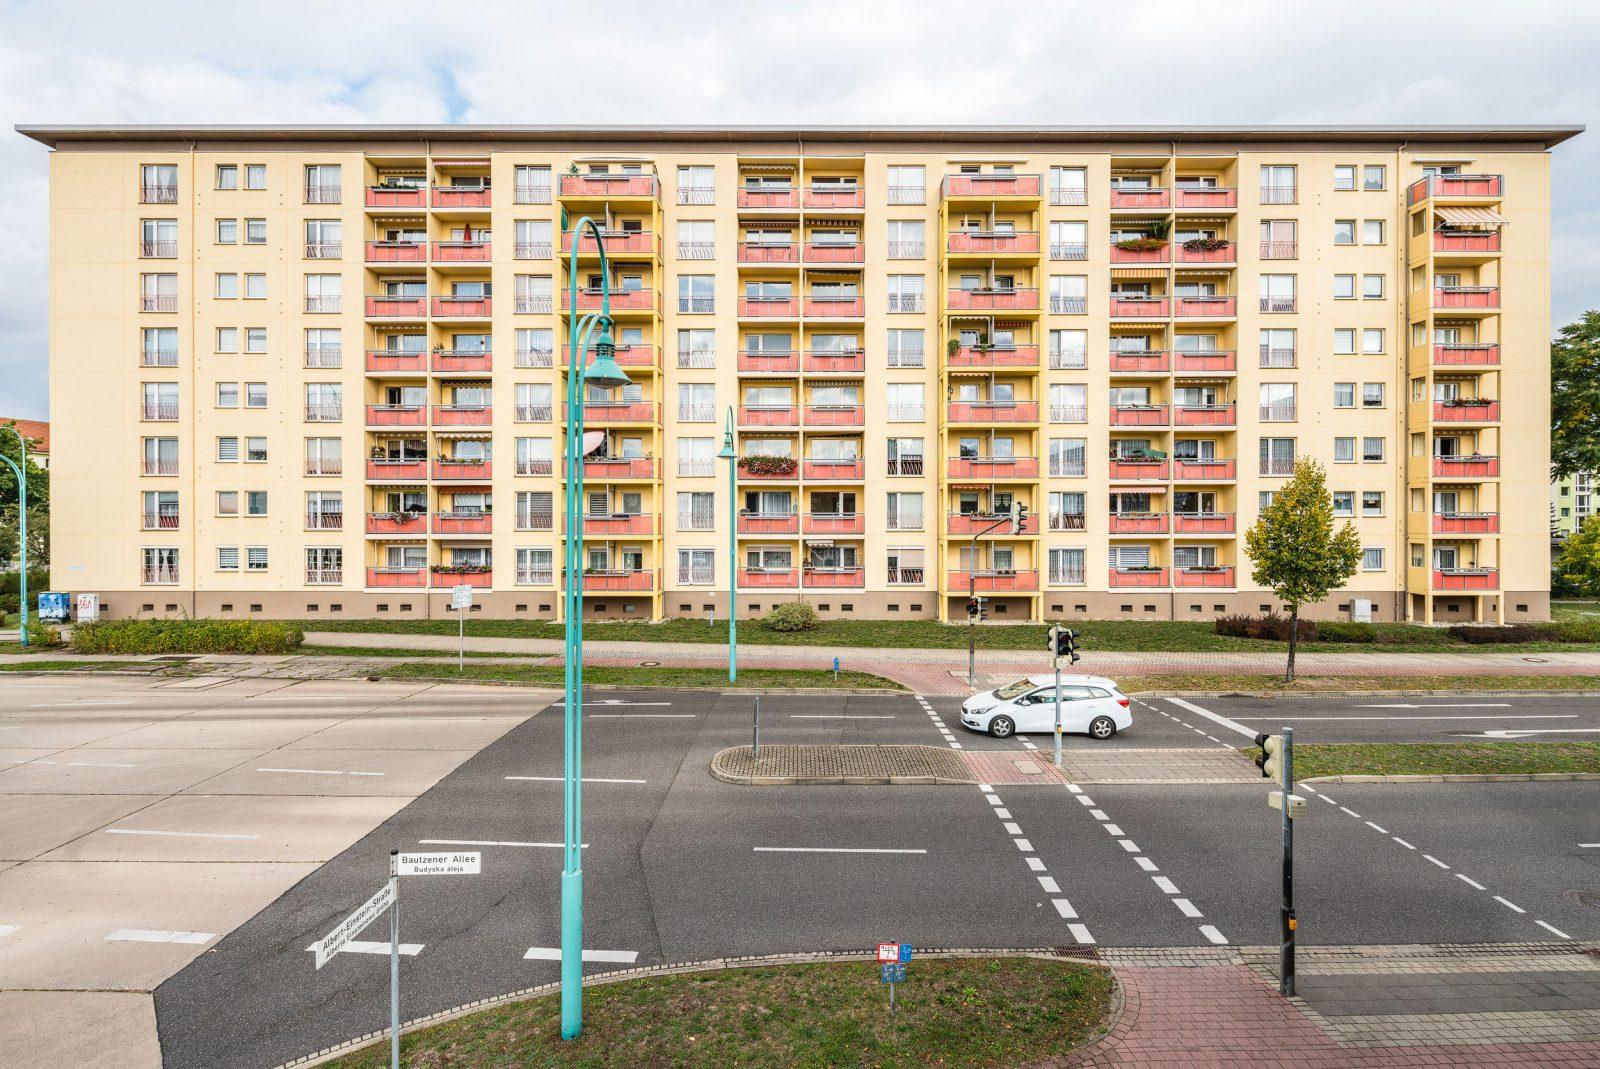 Wohn-Hochhaus, Hoyerswerda